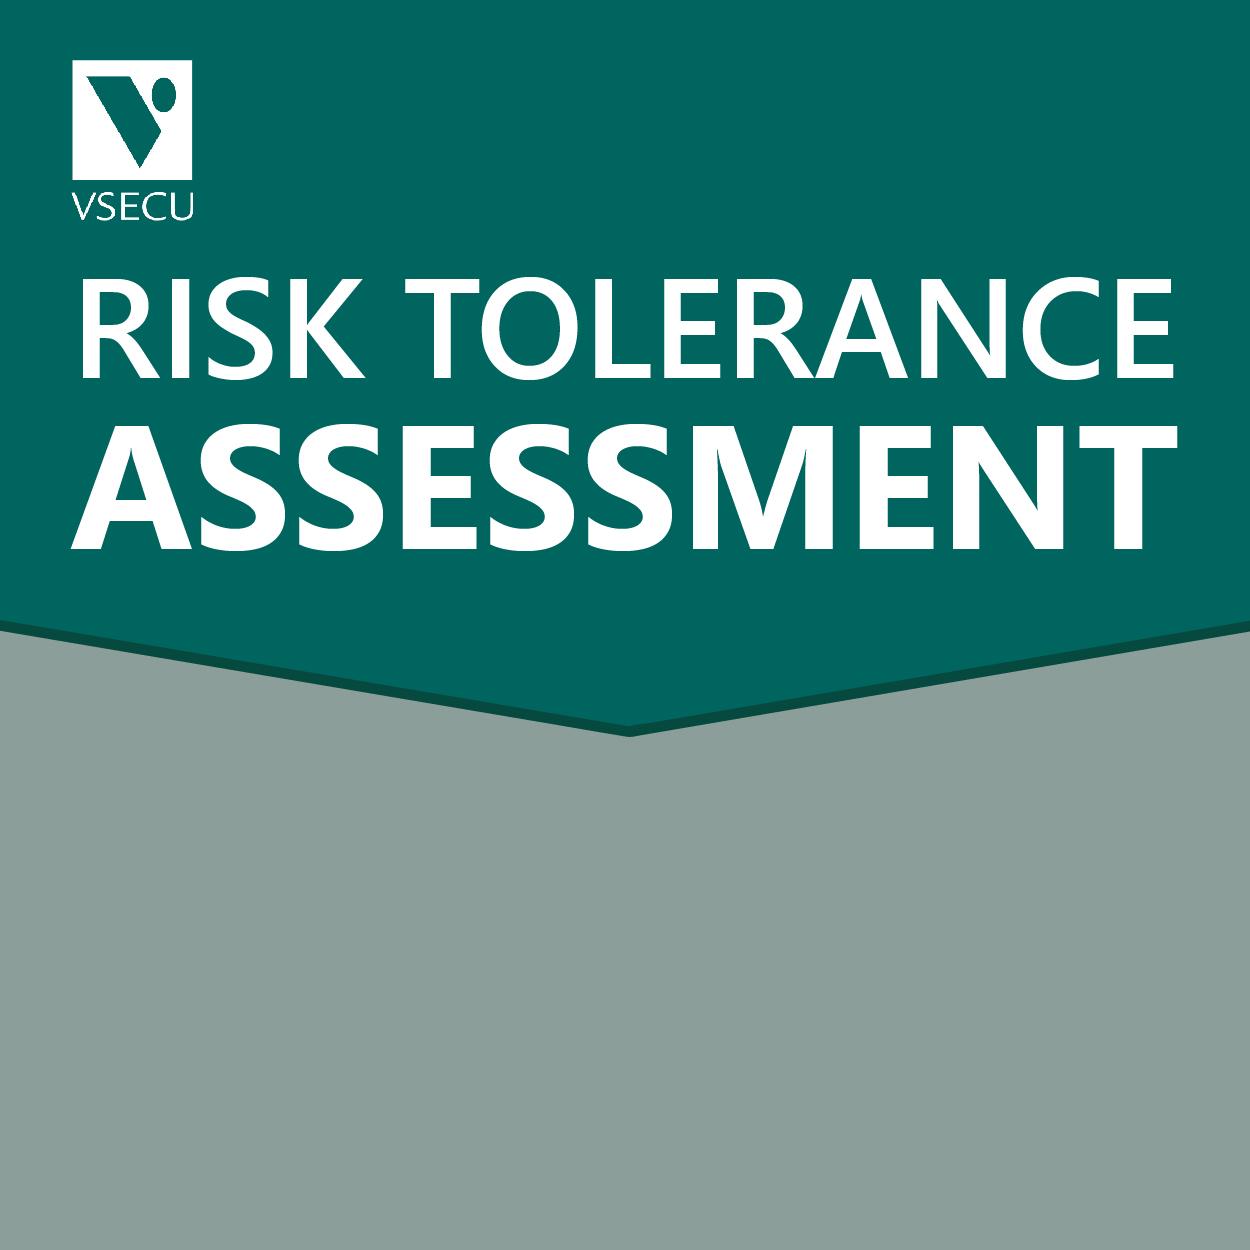 Risk Tolerance Assessment